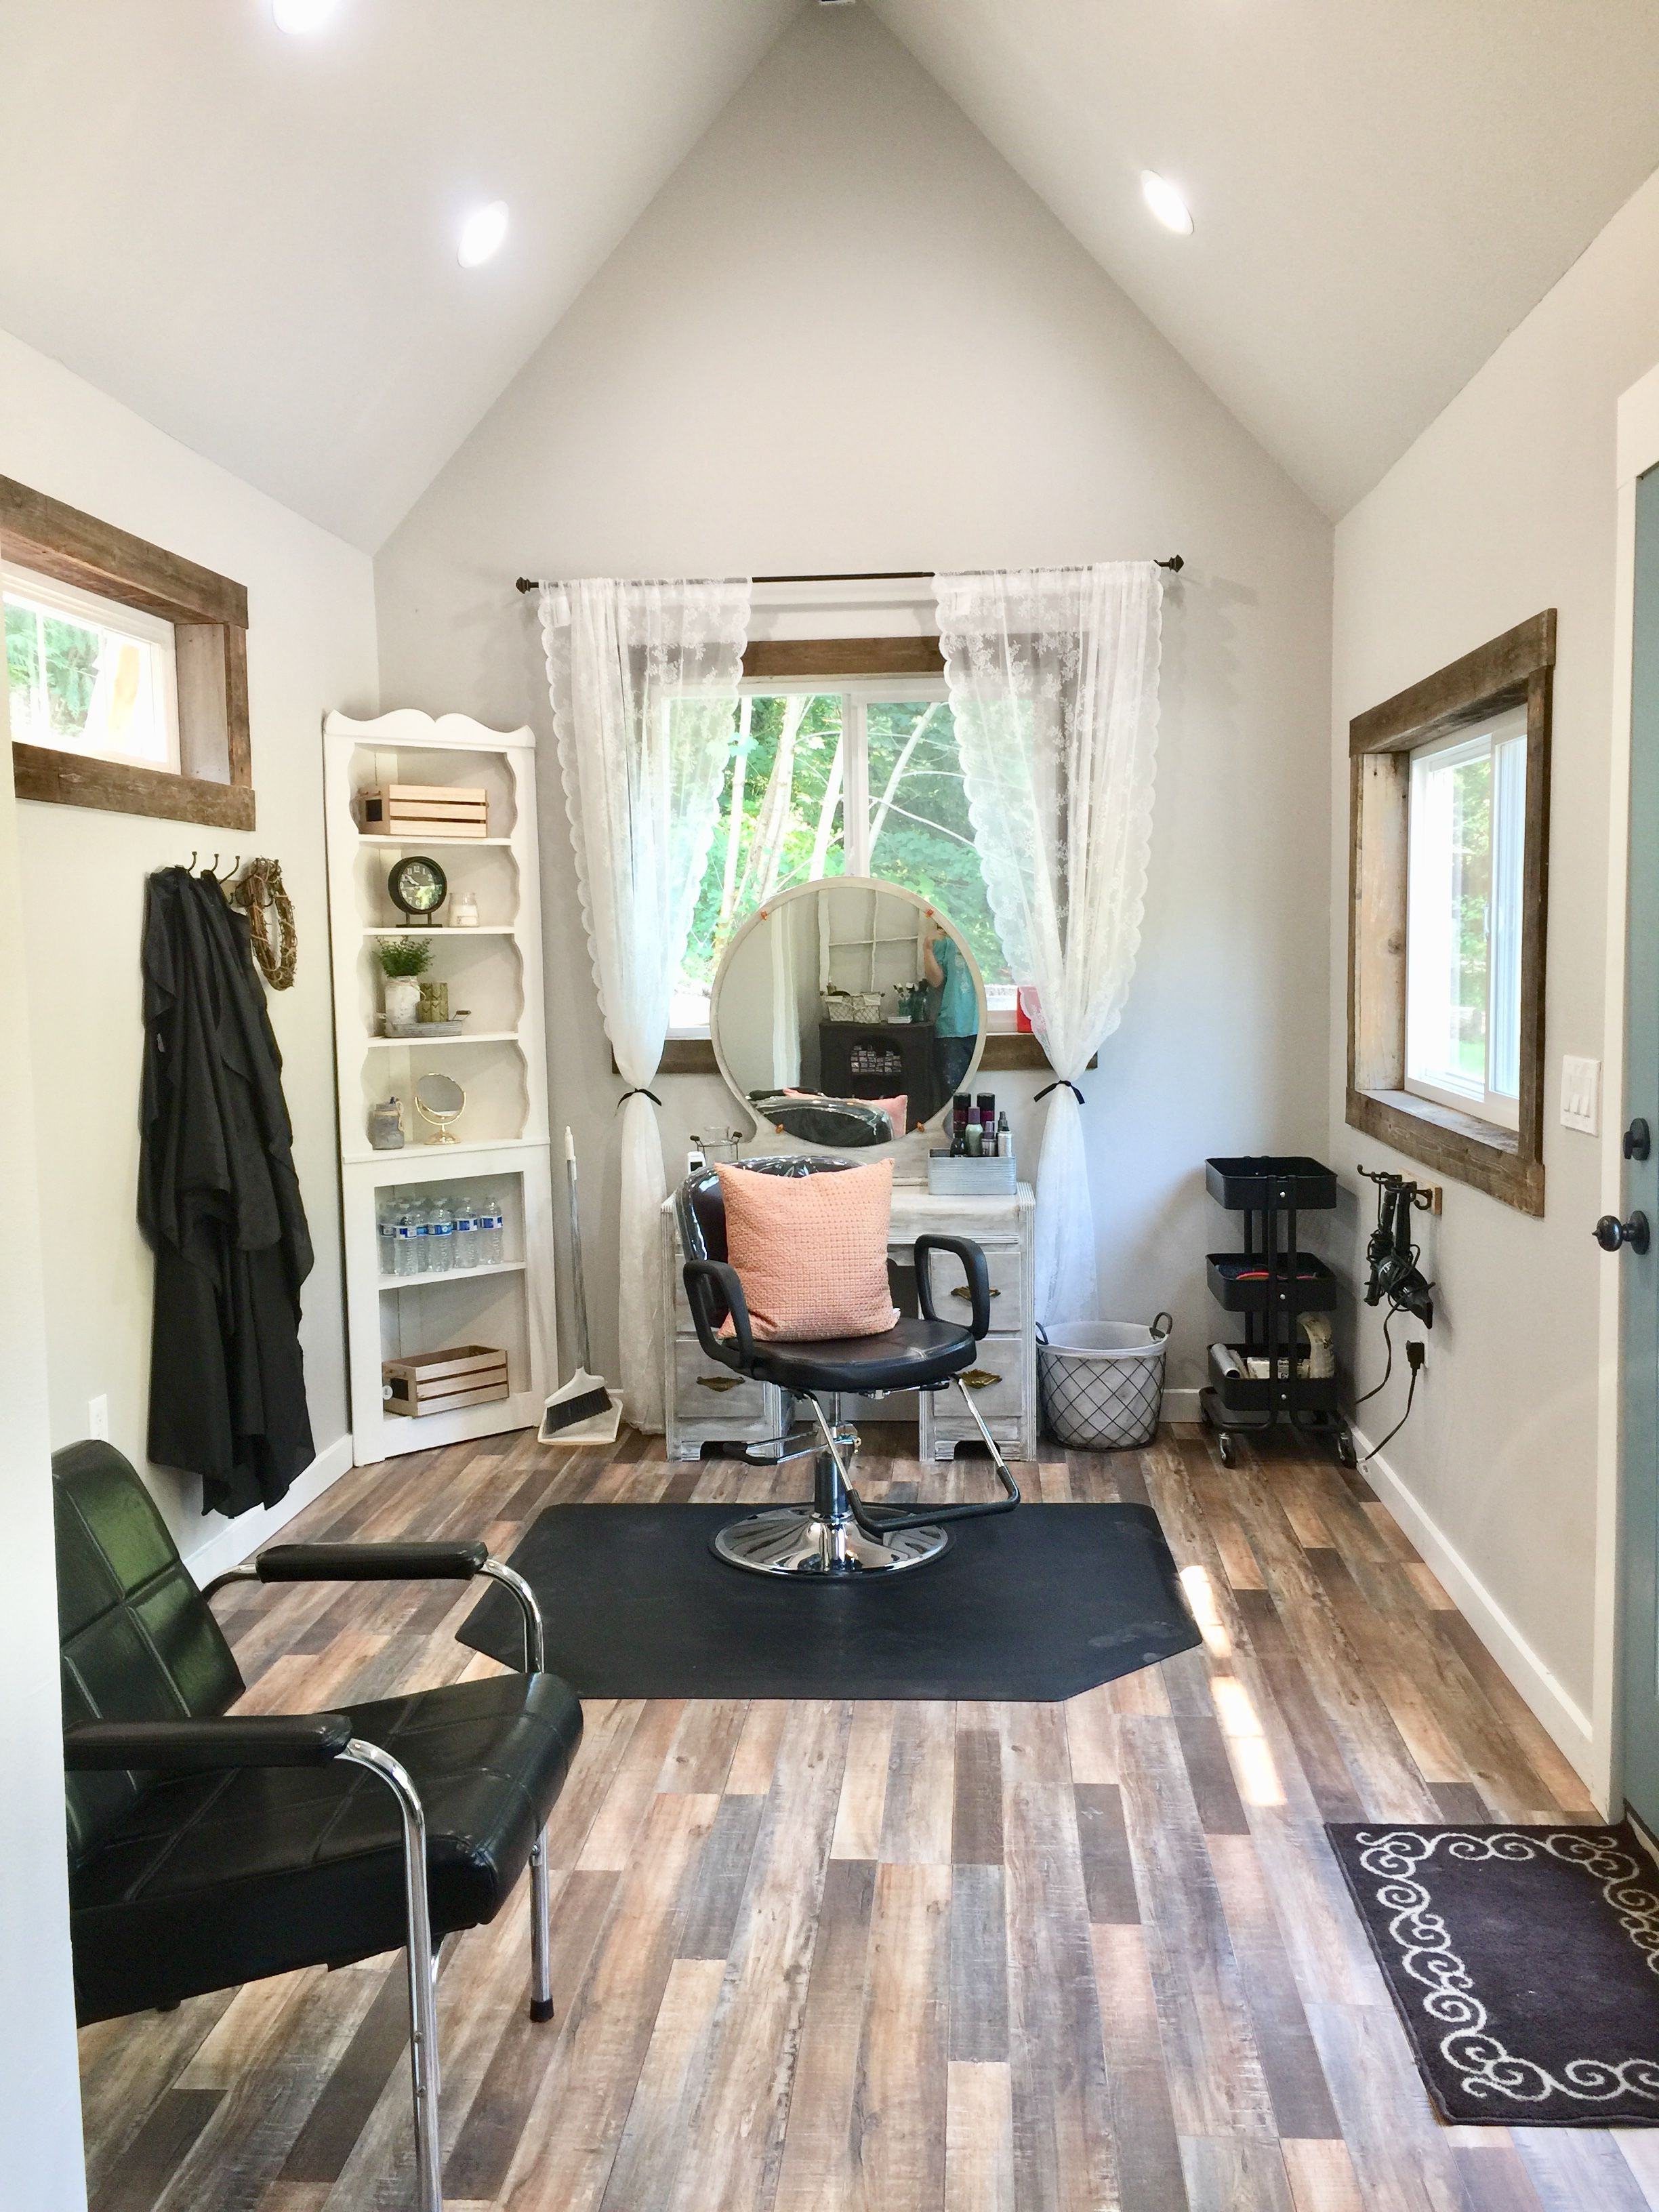 10x20 Shed Made Into A Salon Farm House Salon Salon Suites